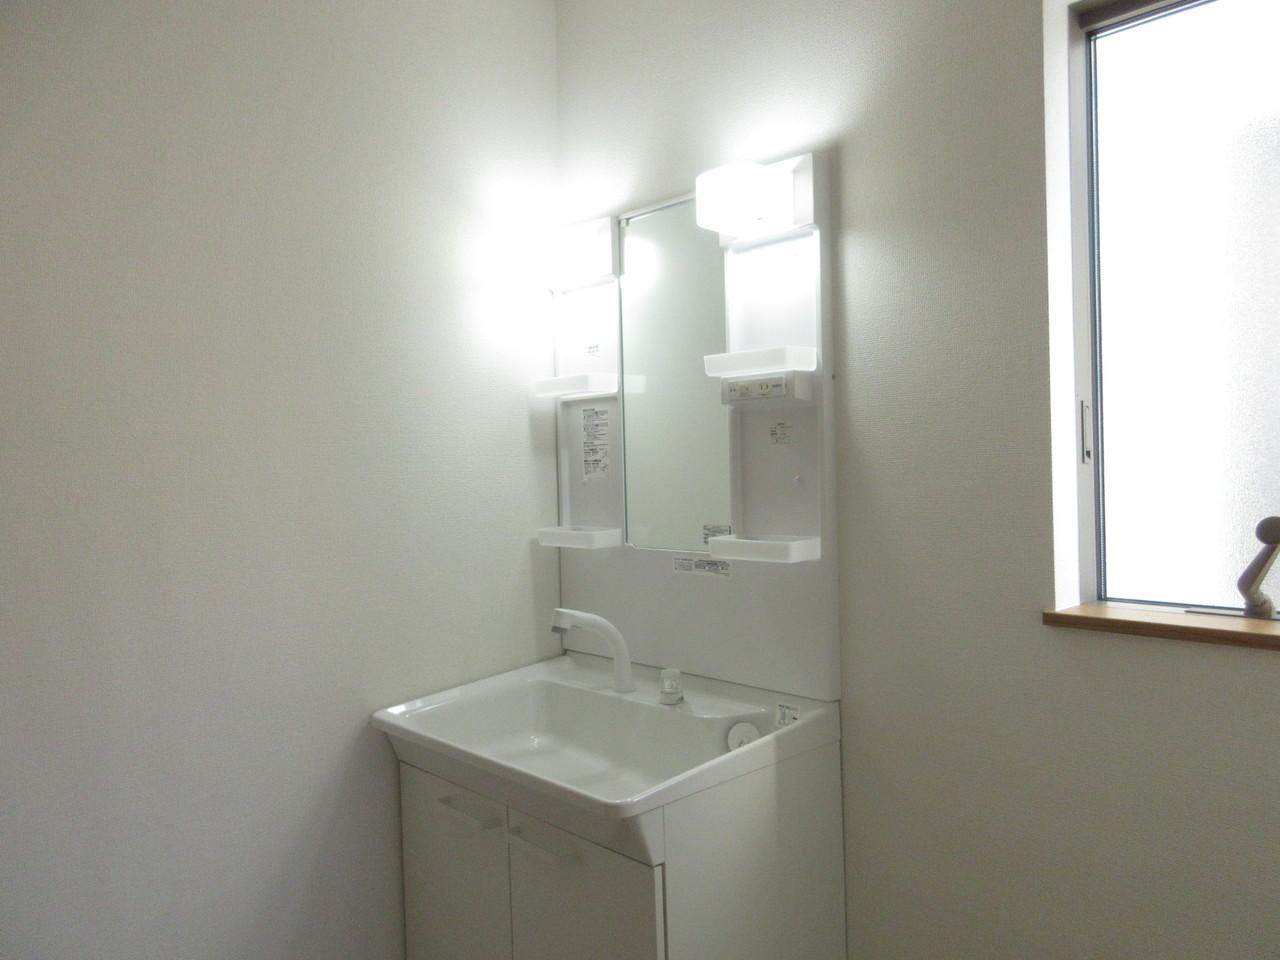 小窓付きの明るい洗面所。換気ができ、湿気がこもりません◎